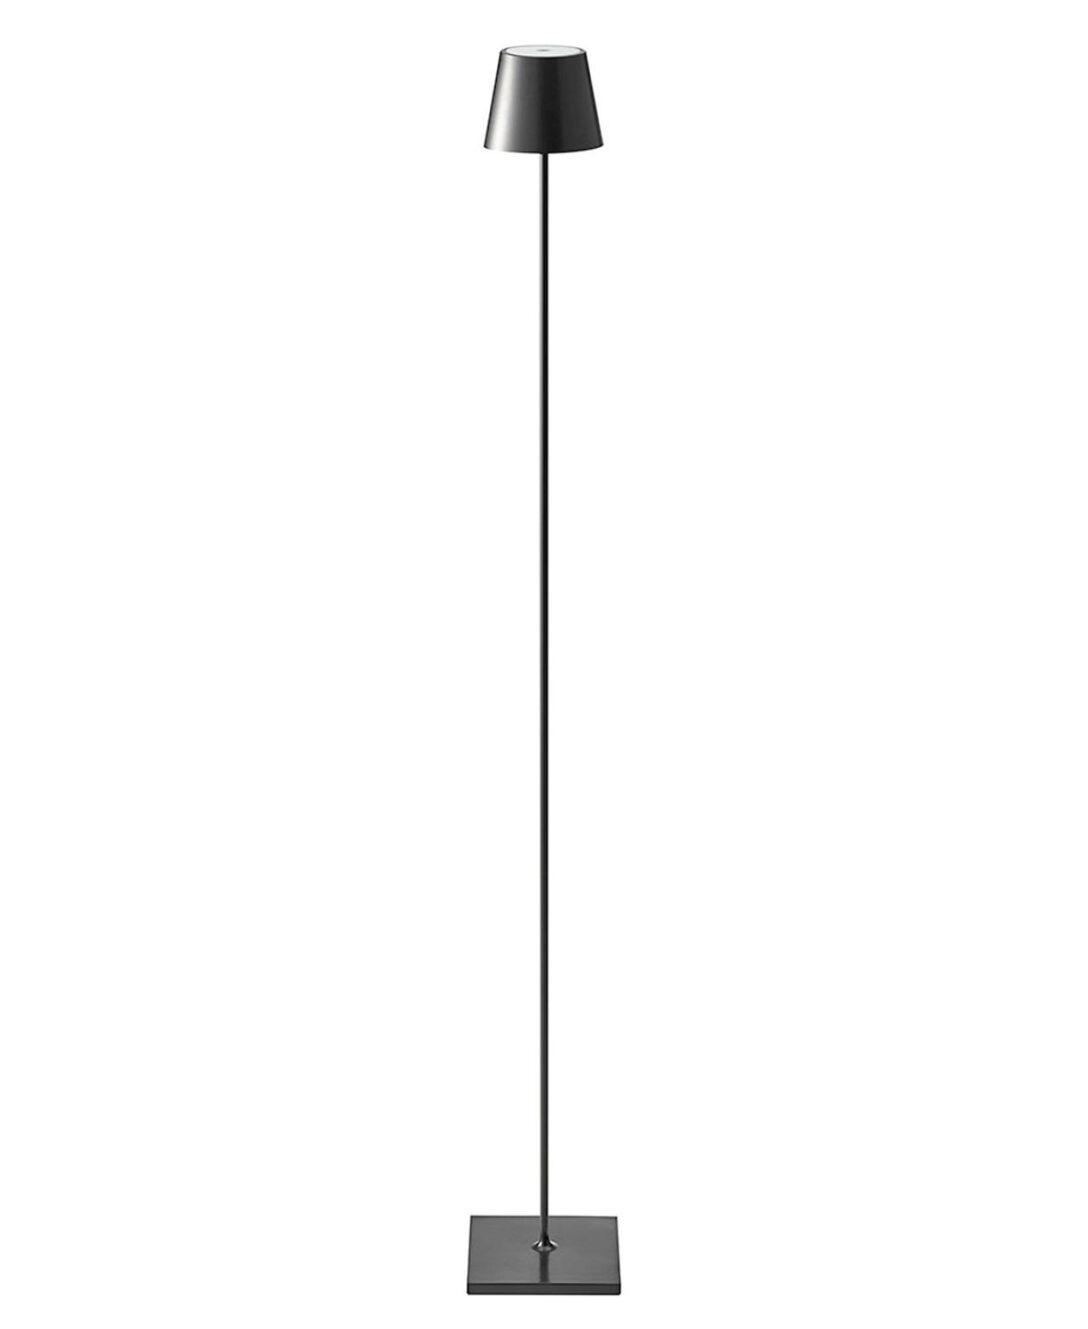 Large Size of Sigor Nuinakku Stehleuchten Dimmbar Gardine Wohnzimmer Led Deckenleuchte Landhausstil Bilder Fürs Gardinen Hängeschrank Weiß Hochglanz Deckenlampen Kamin Wohnzimmer Stehlampe Wohnzimmer Dimmbar